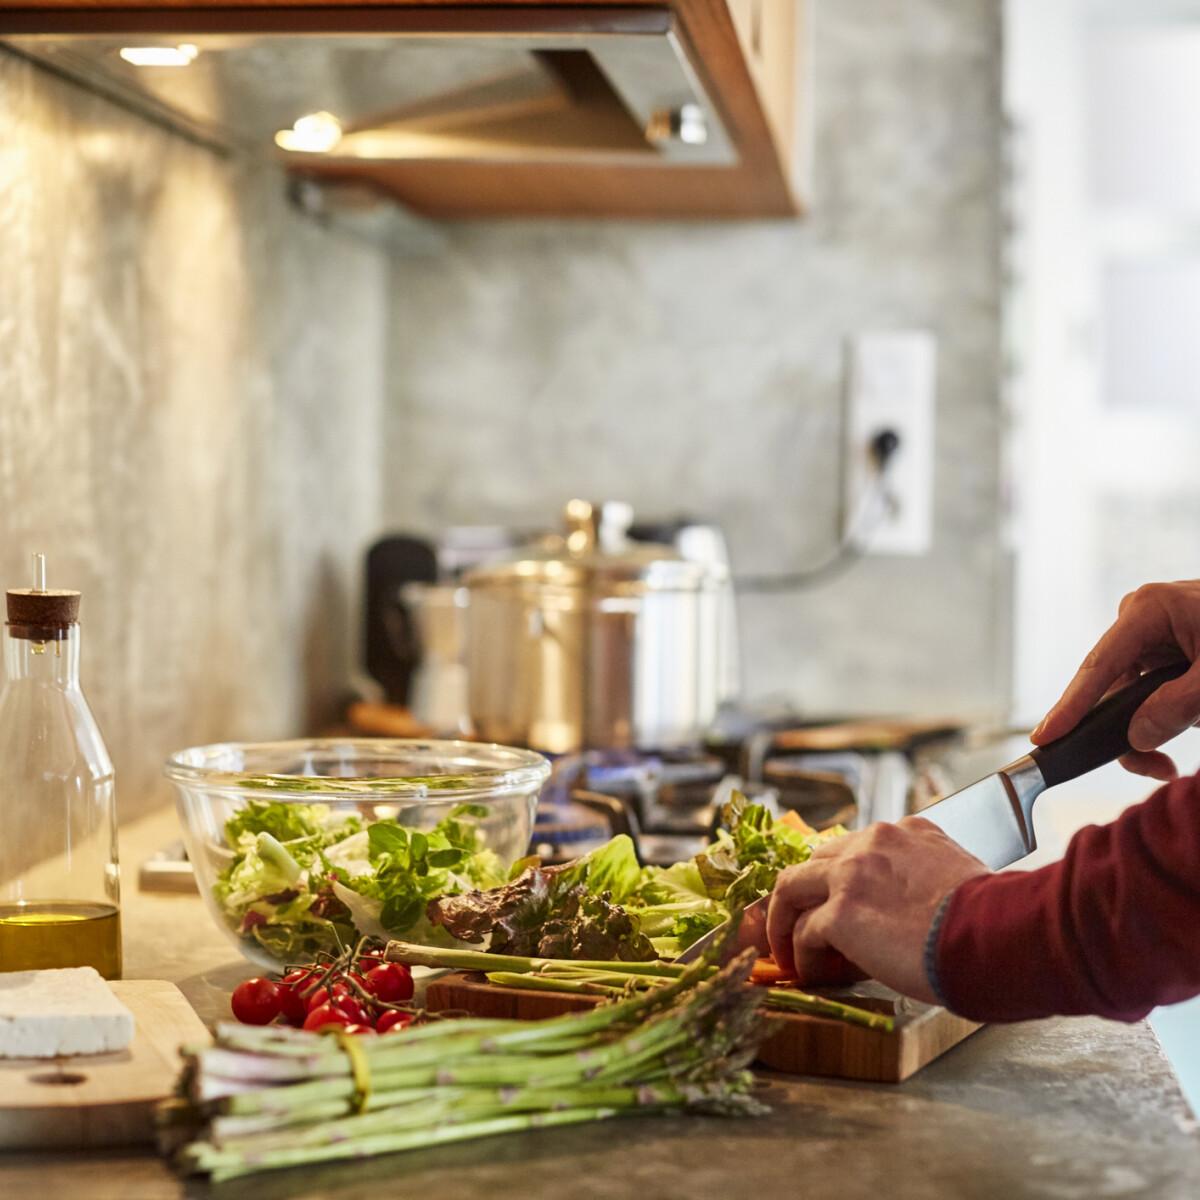 Így javíthatsz a mentális egészségeden az étrended segítségével